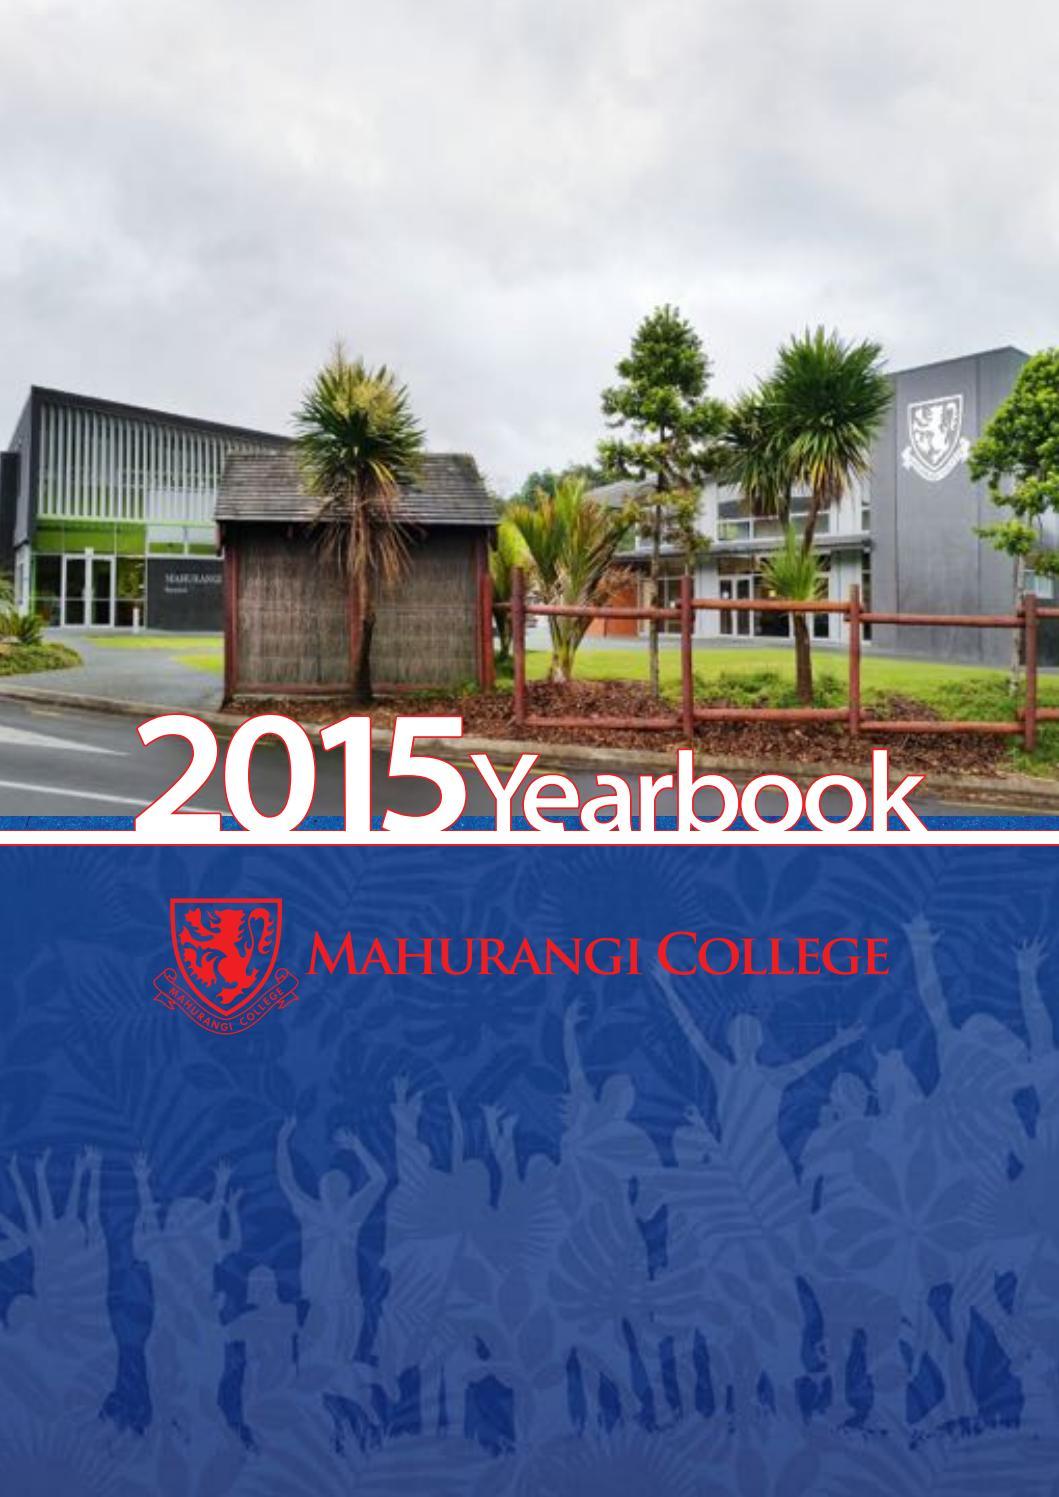 Mahurangi College Yearbook 2015 by Mahurangi College - issuu